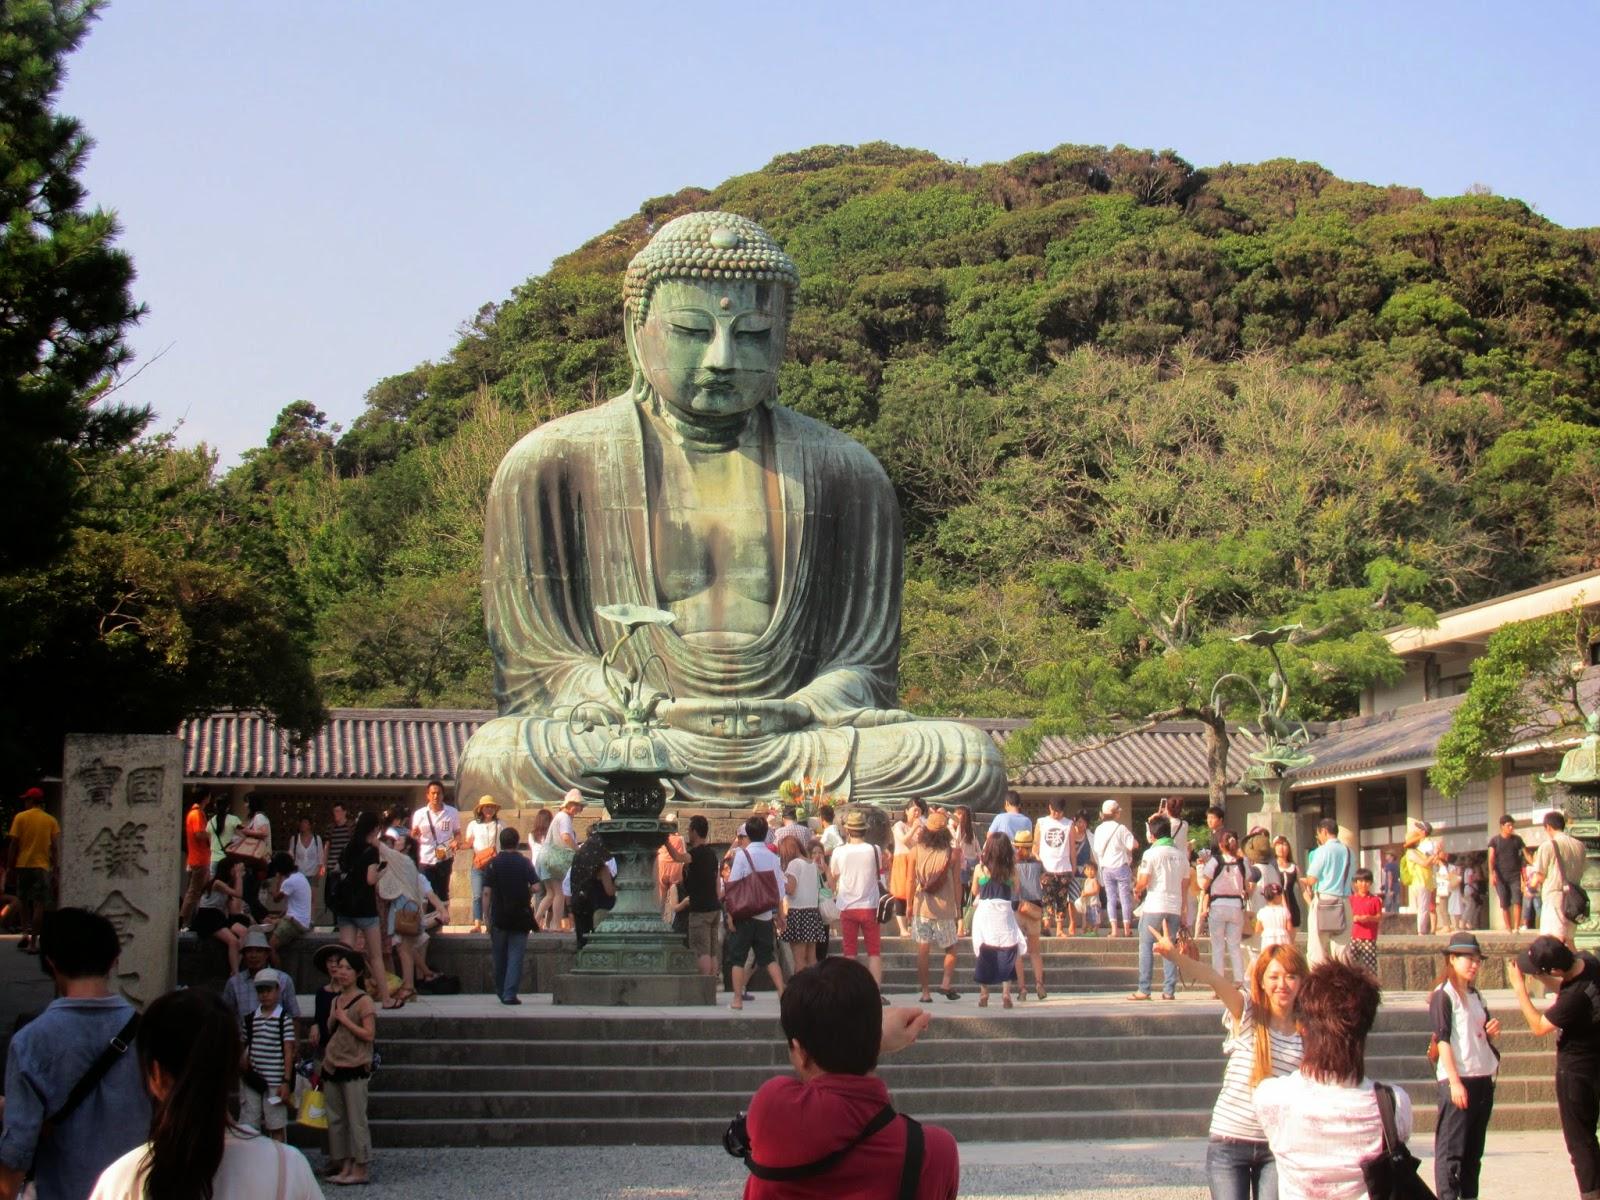 El Gran Buda (Daibutsu)